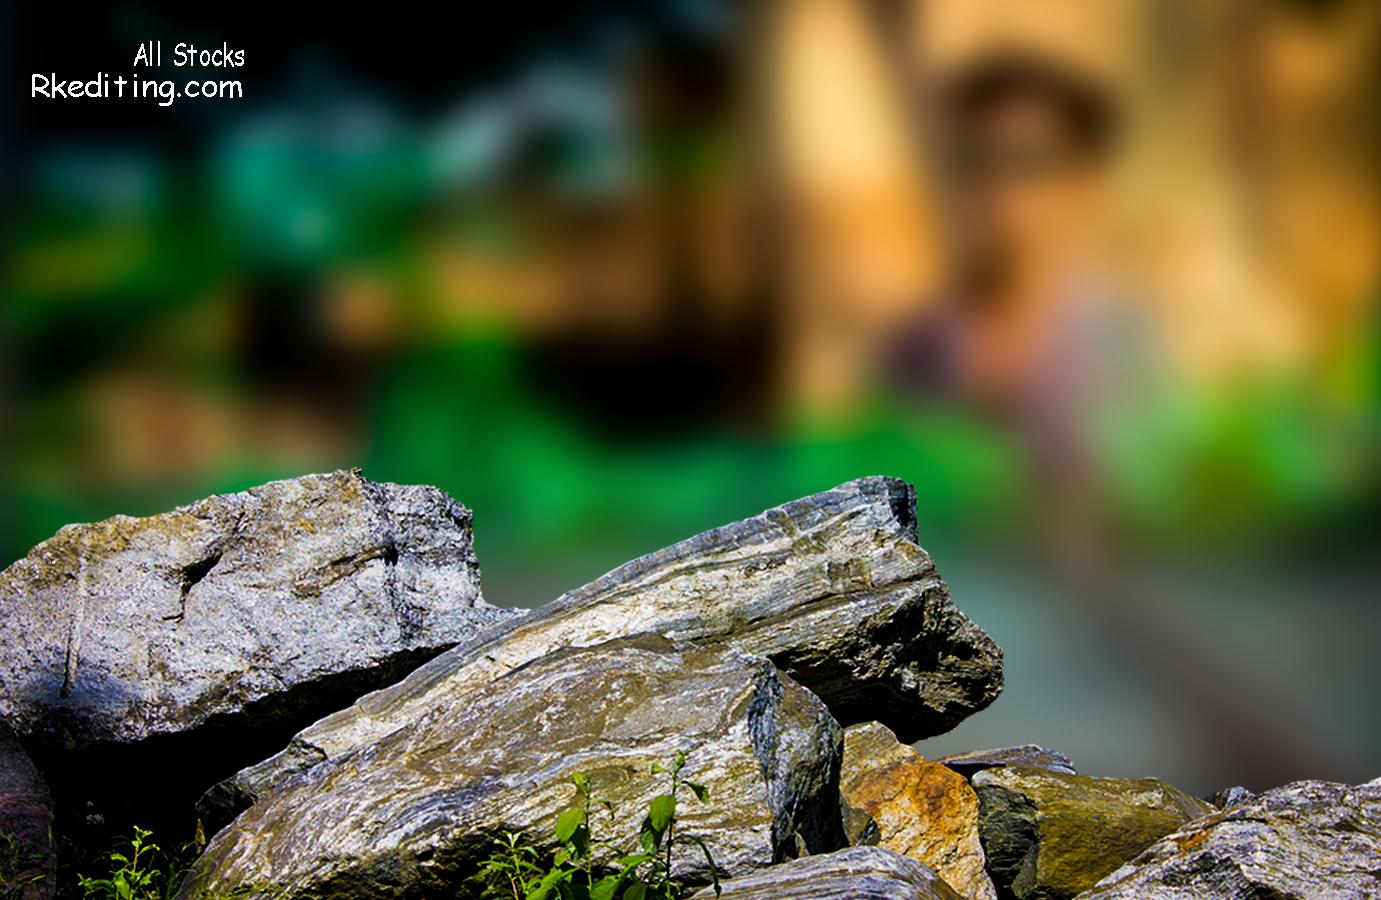 picsart online editor Com mais de 500 milhões de instalações, o picsart é o melhor editor de fotos e criador de colagens no celular baixe o picsart e aproveite as nossas ferramentas, efeitos, criador de colagem, câmera, biblioteca de clipart grátis, mais de 5 milhões de adesivos criados pelos usuários e as.